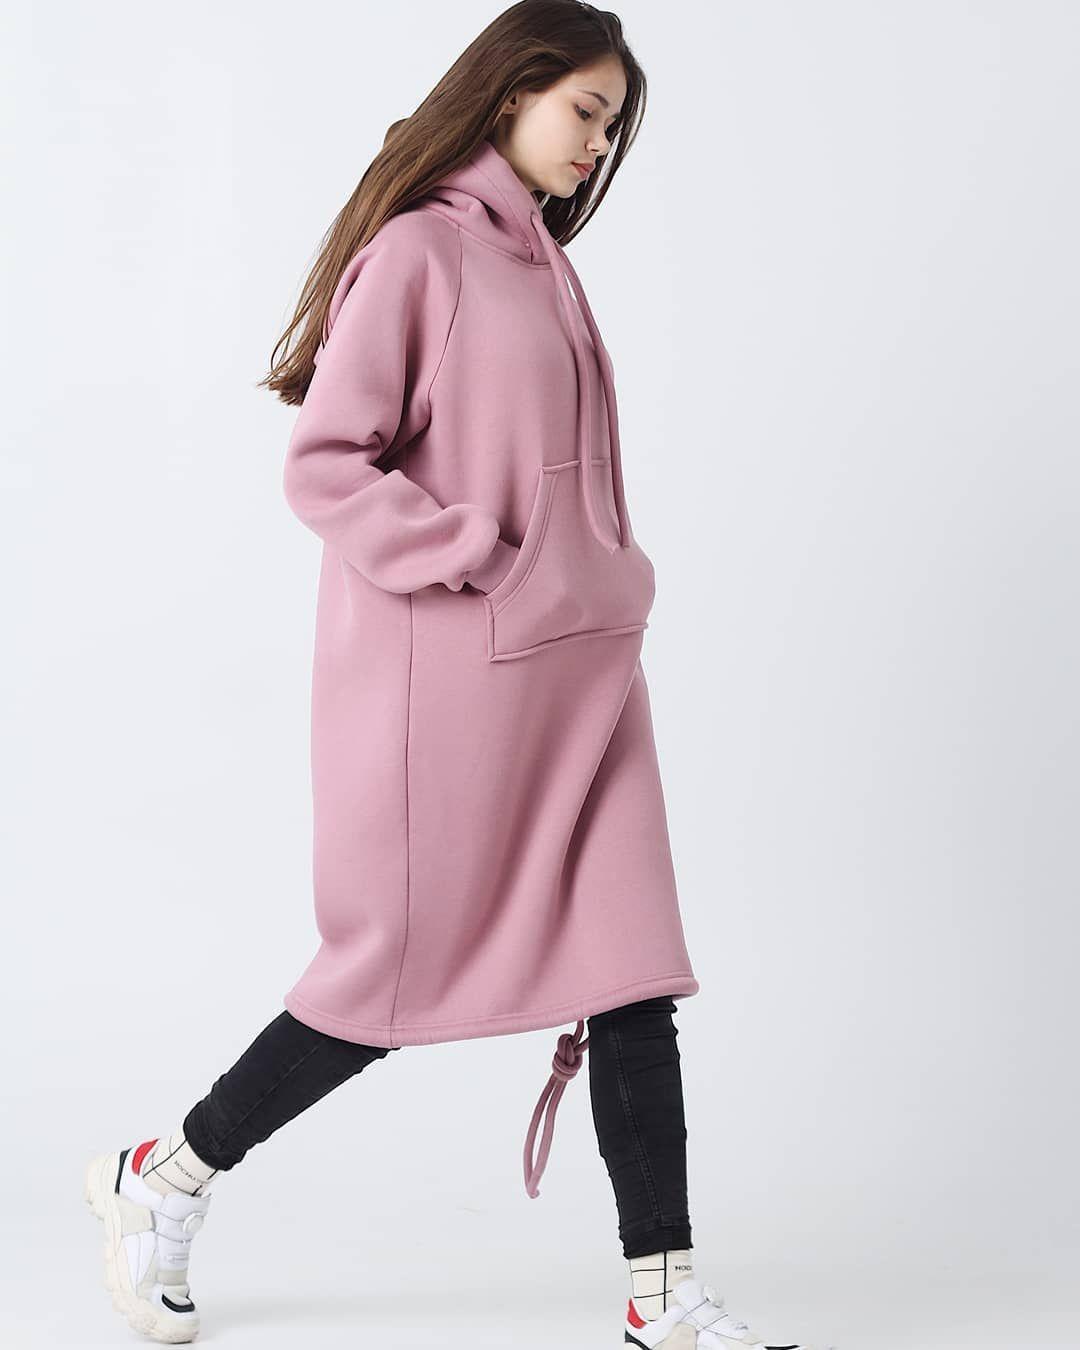 0e35cbca752 Сиреневое платье худи на флисе - 1790 грн Purple Dress hoodie -  хочусебетакое